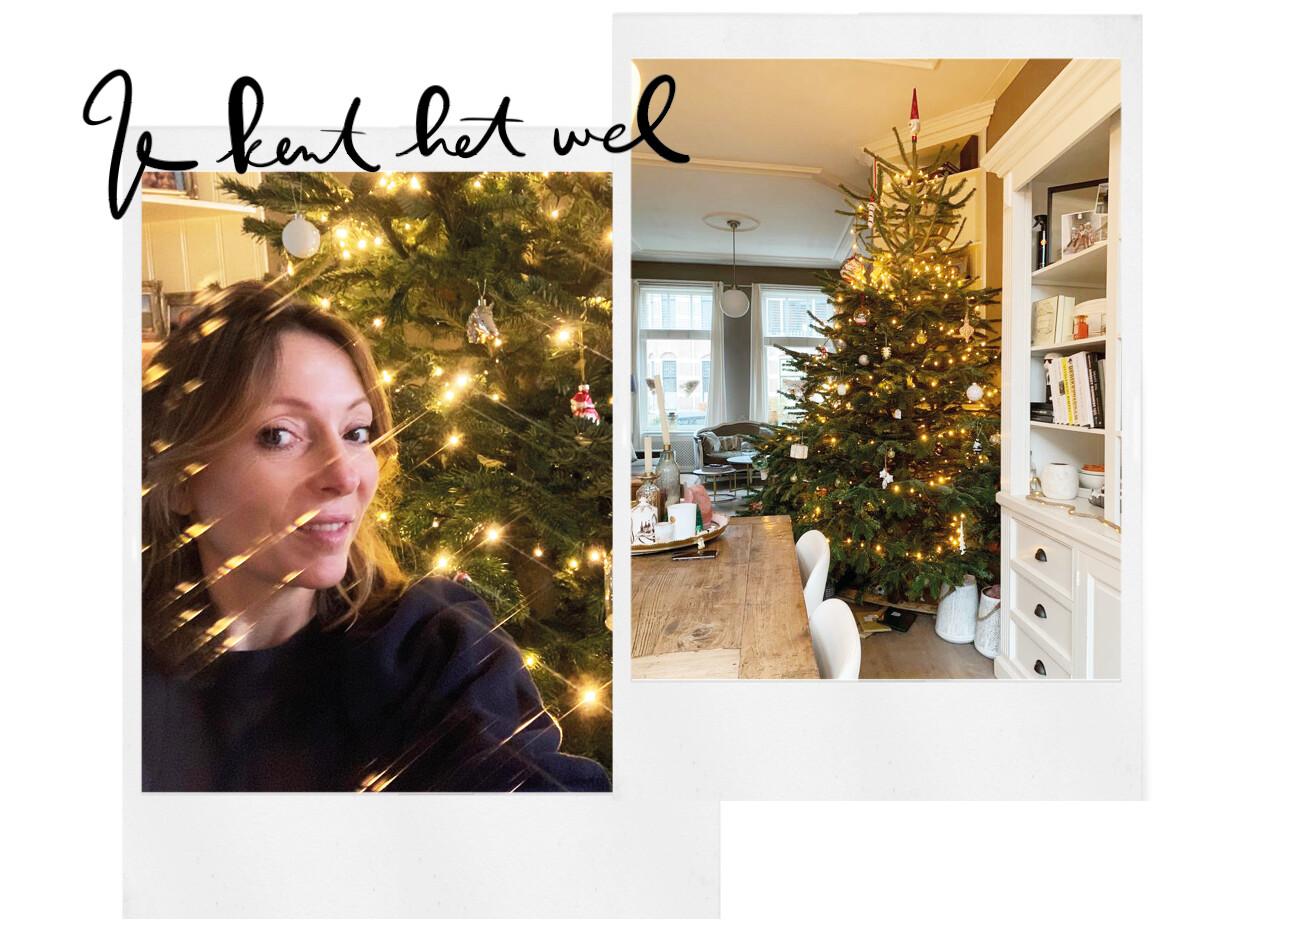 May-britt kerstboom thuis